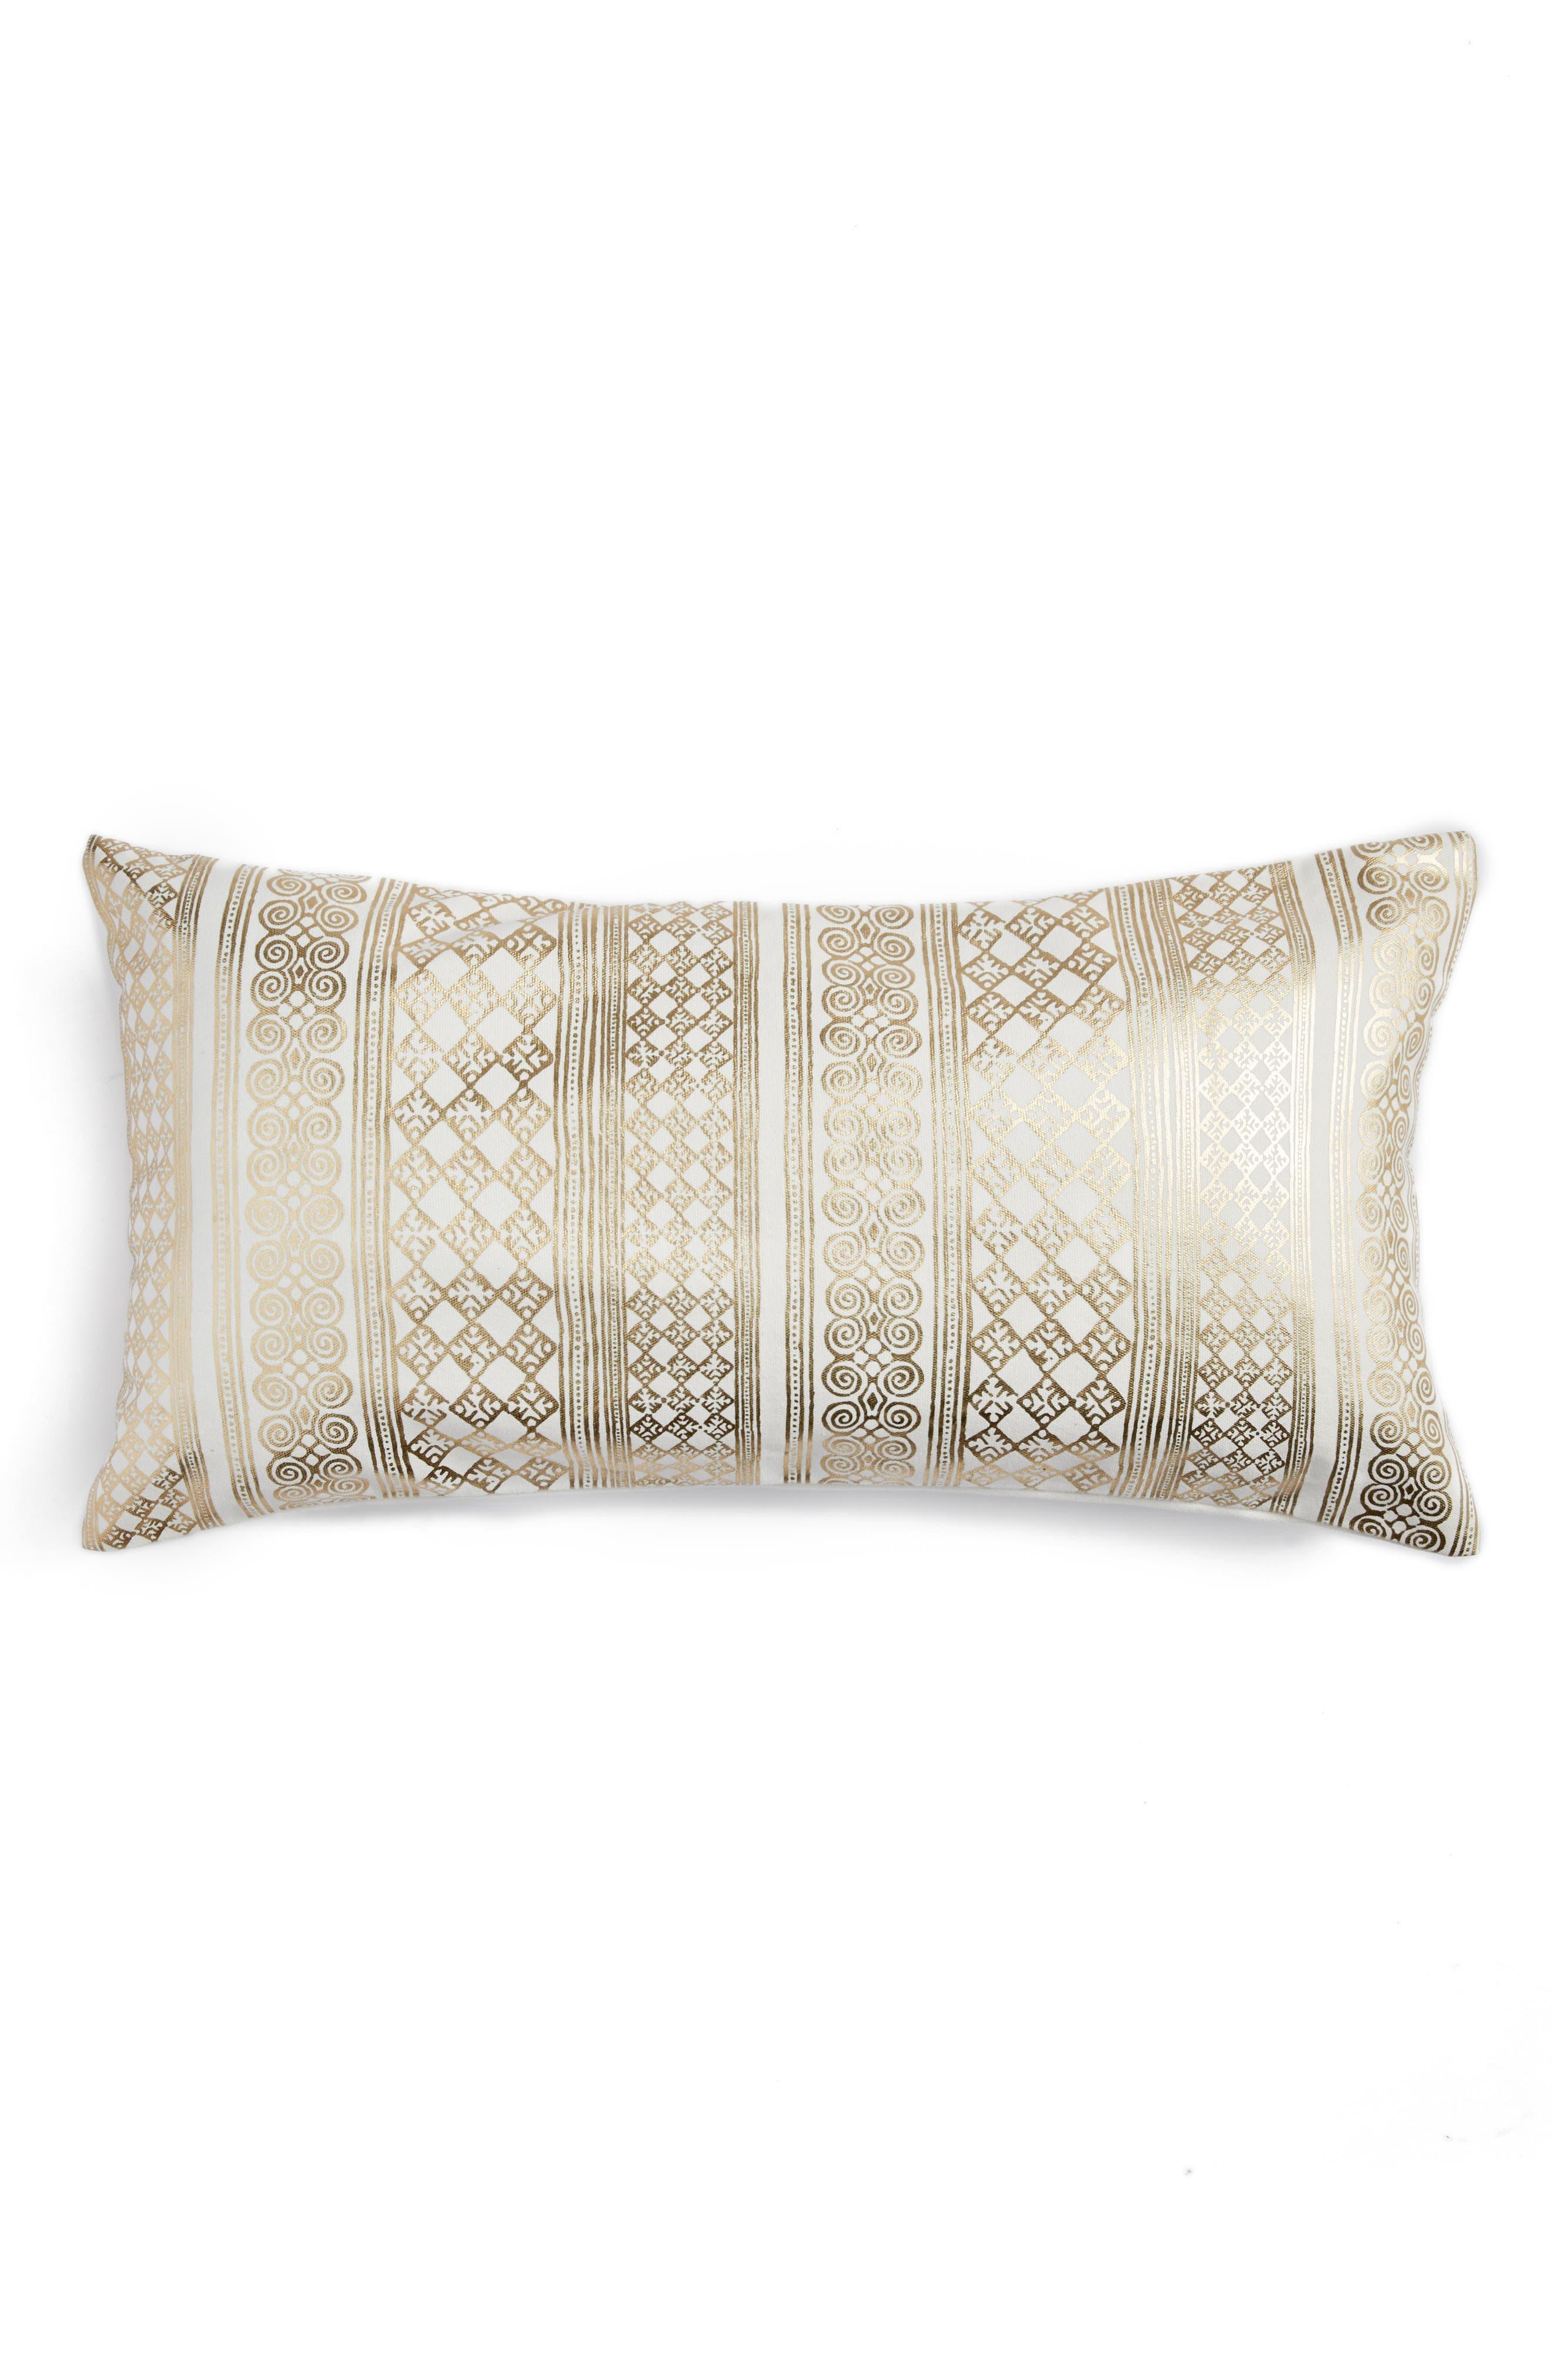 Main Image - Levtex Foil Screenprint Accent Pillow